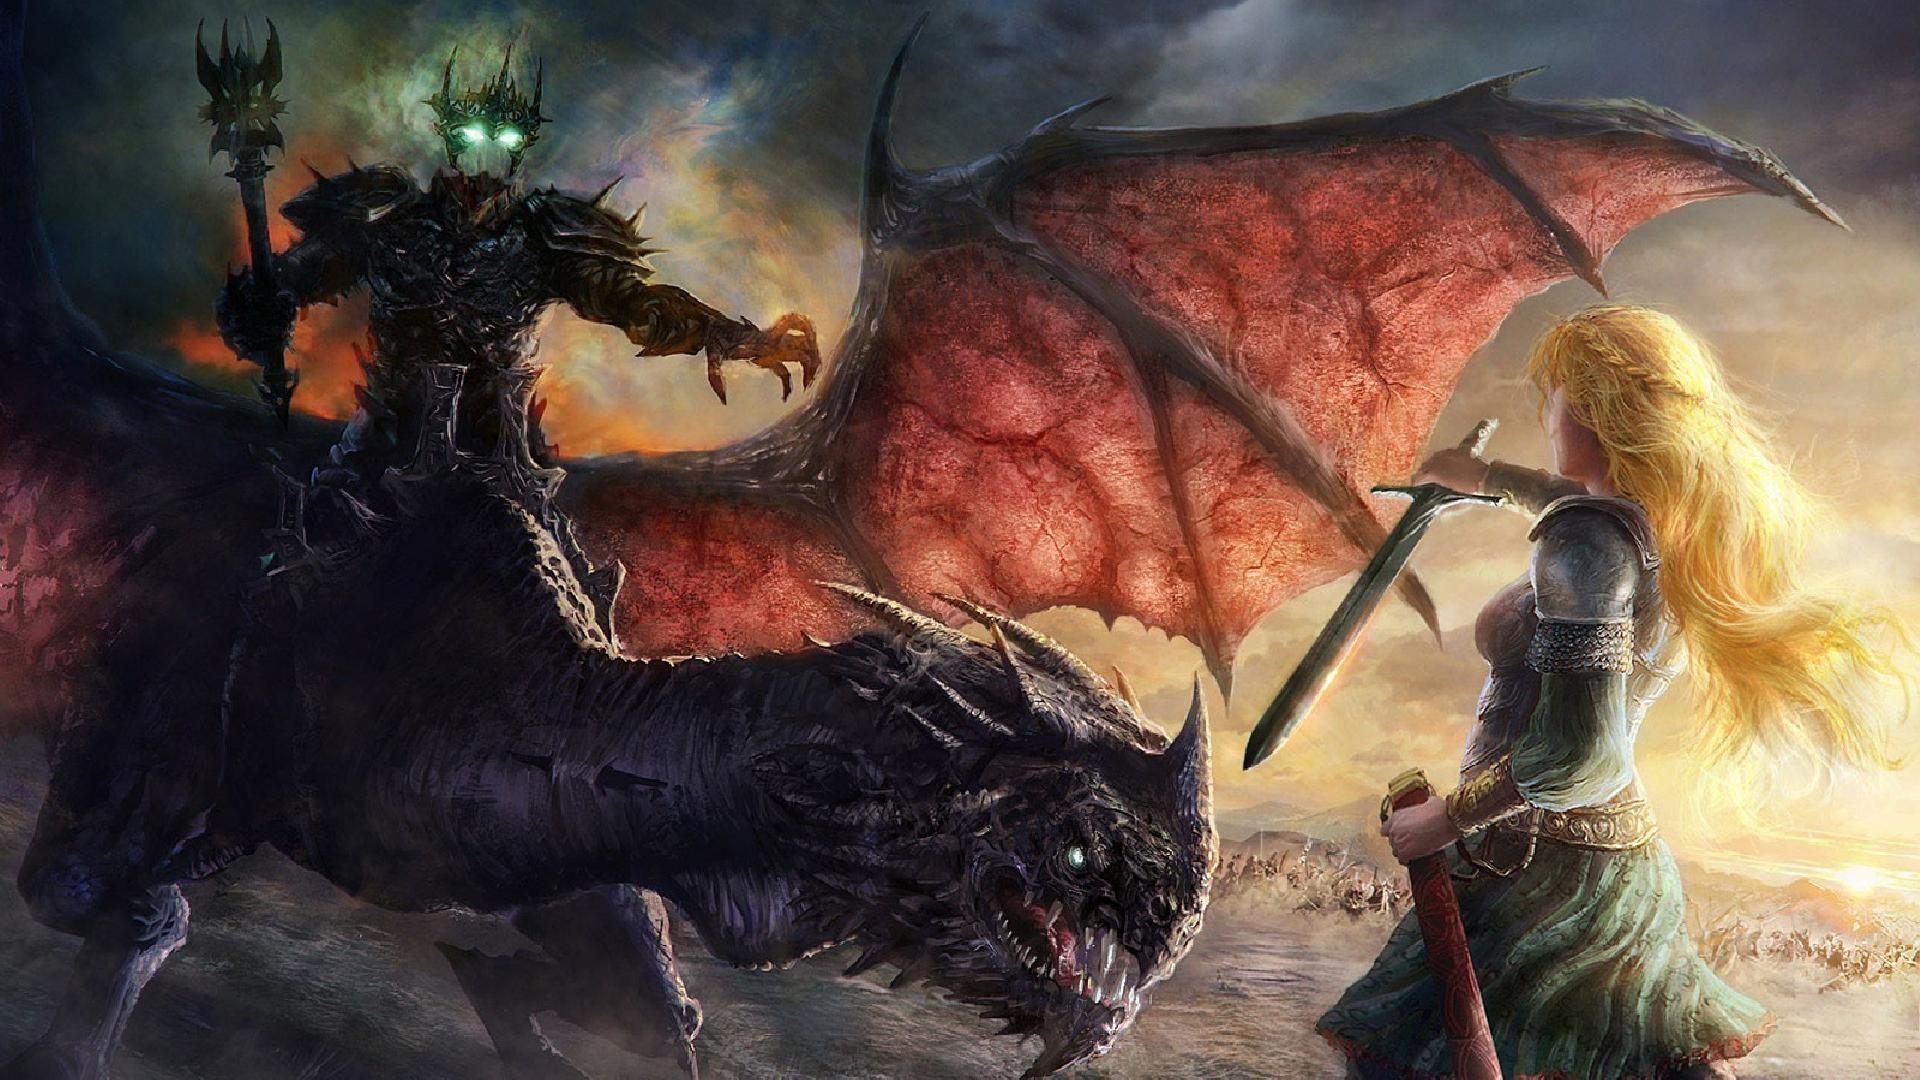 ¿Antes de su lucha con Éowyn con qué montura va (EN EL LIBRO) el Rey Brujo?